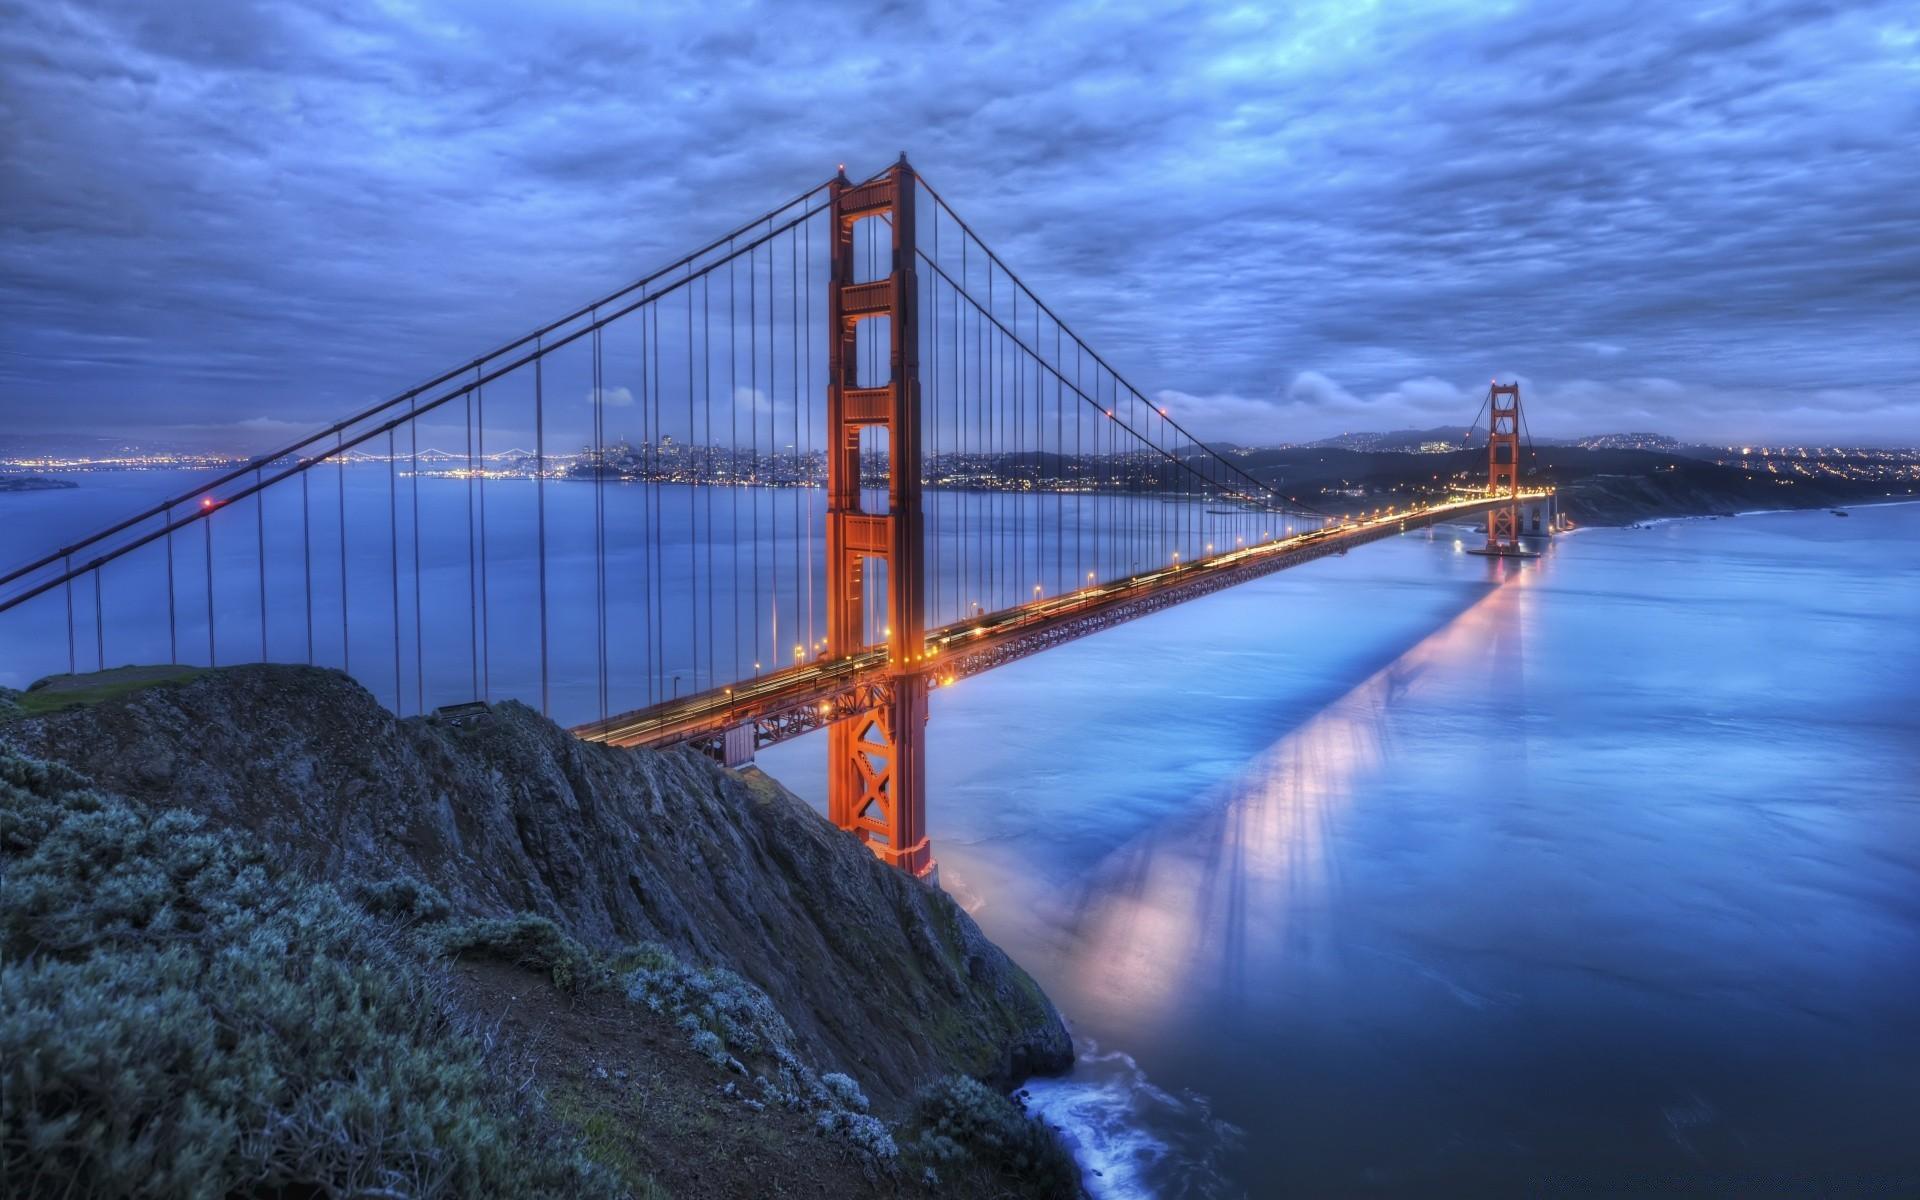 Картинки на мосту